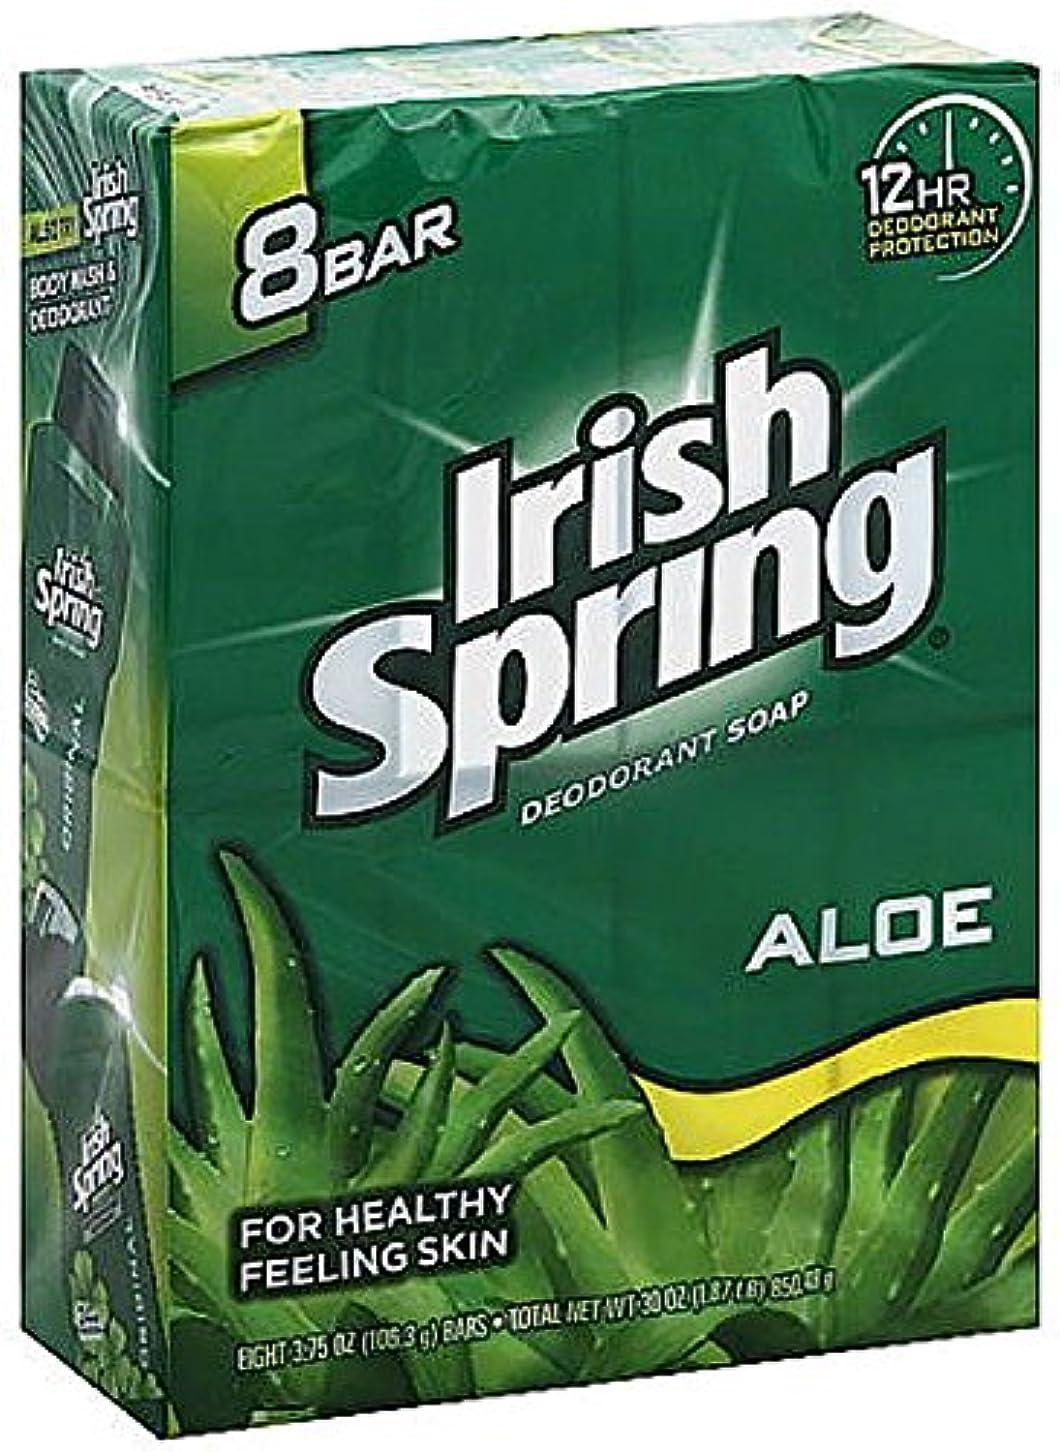 Irish Spring アロエデオドラント石鹸、3.75オズバー、8 Eaは(9パック)